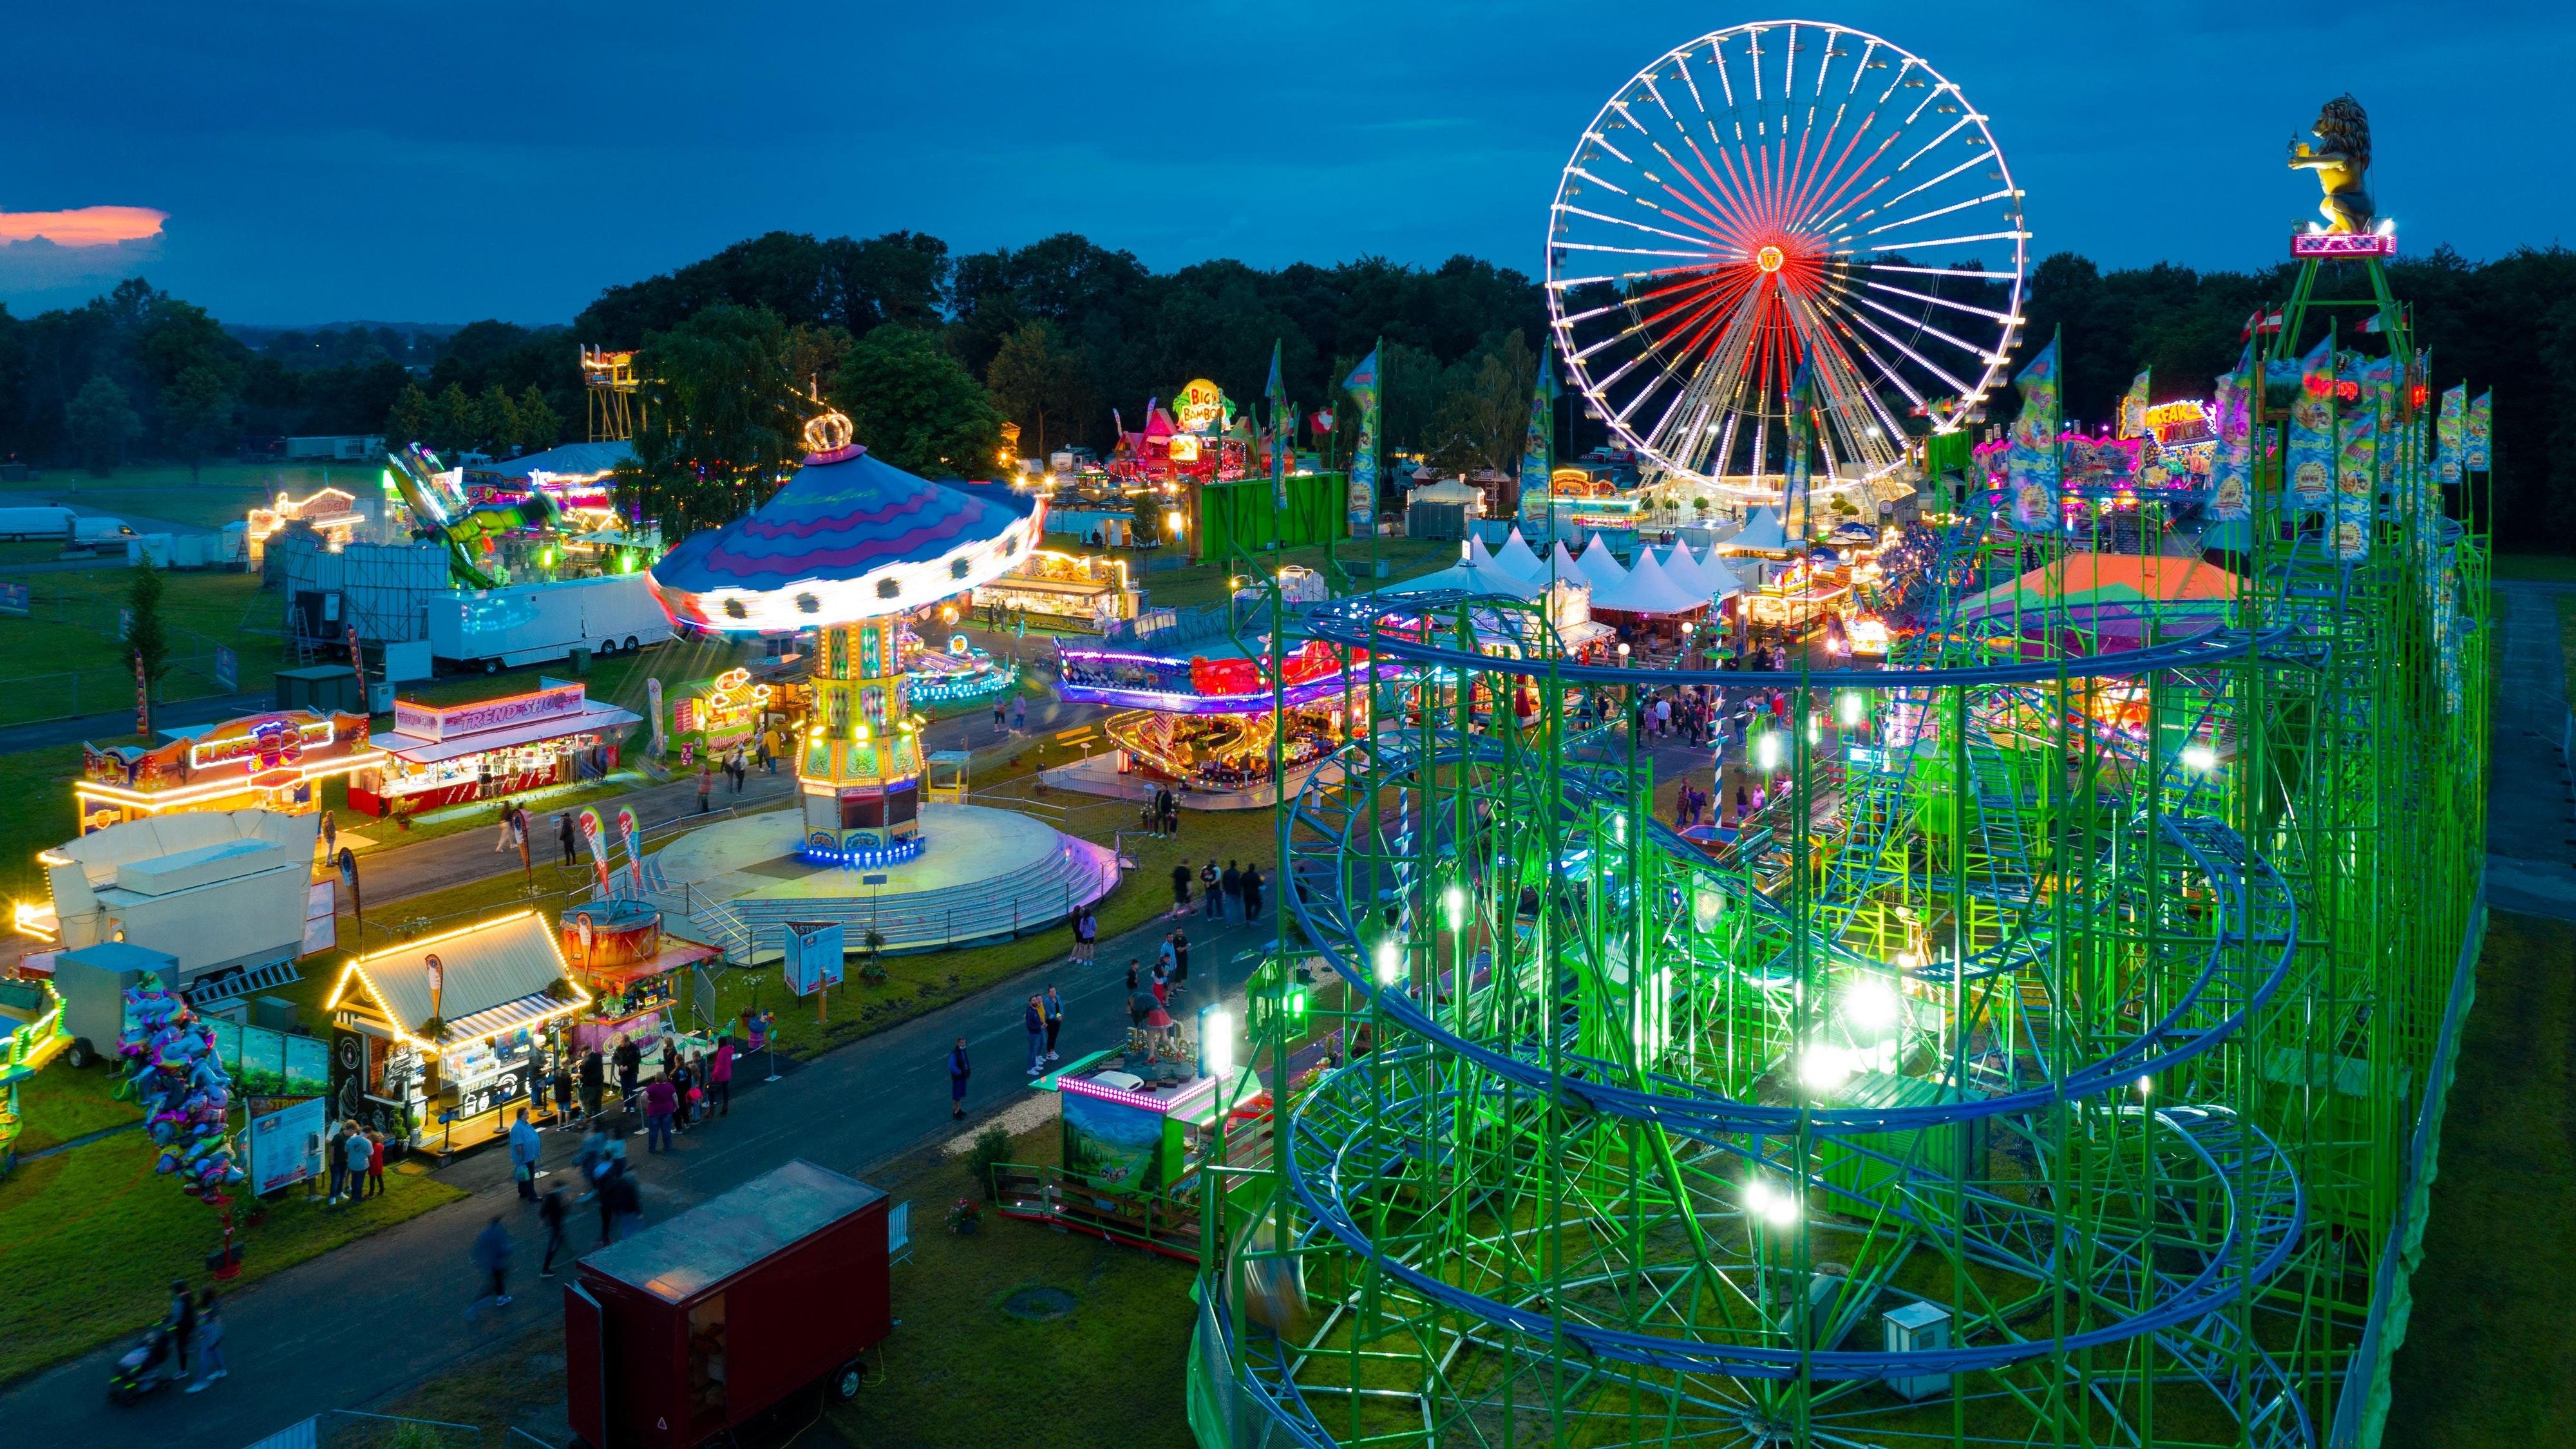 Blick aus der Luft auf den Freizeitpark: Das Riesenrad ist ein Hingucker – besonders abends. Foto: Matthias Niehues